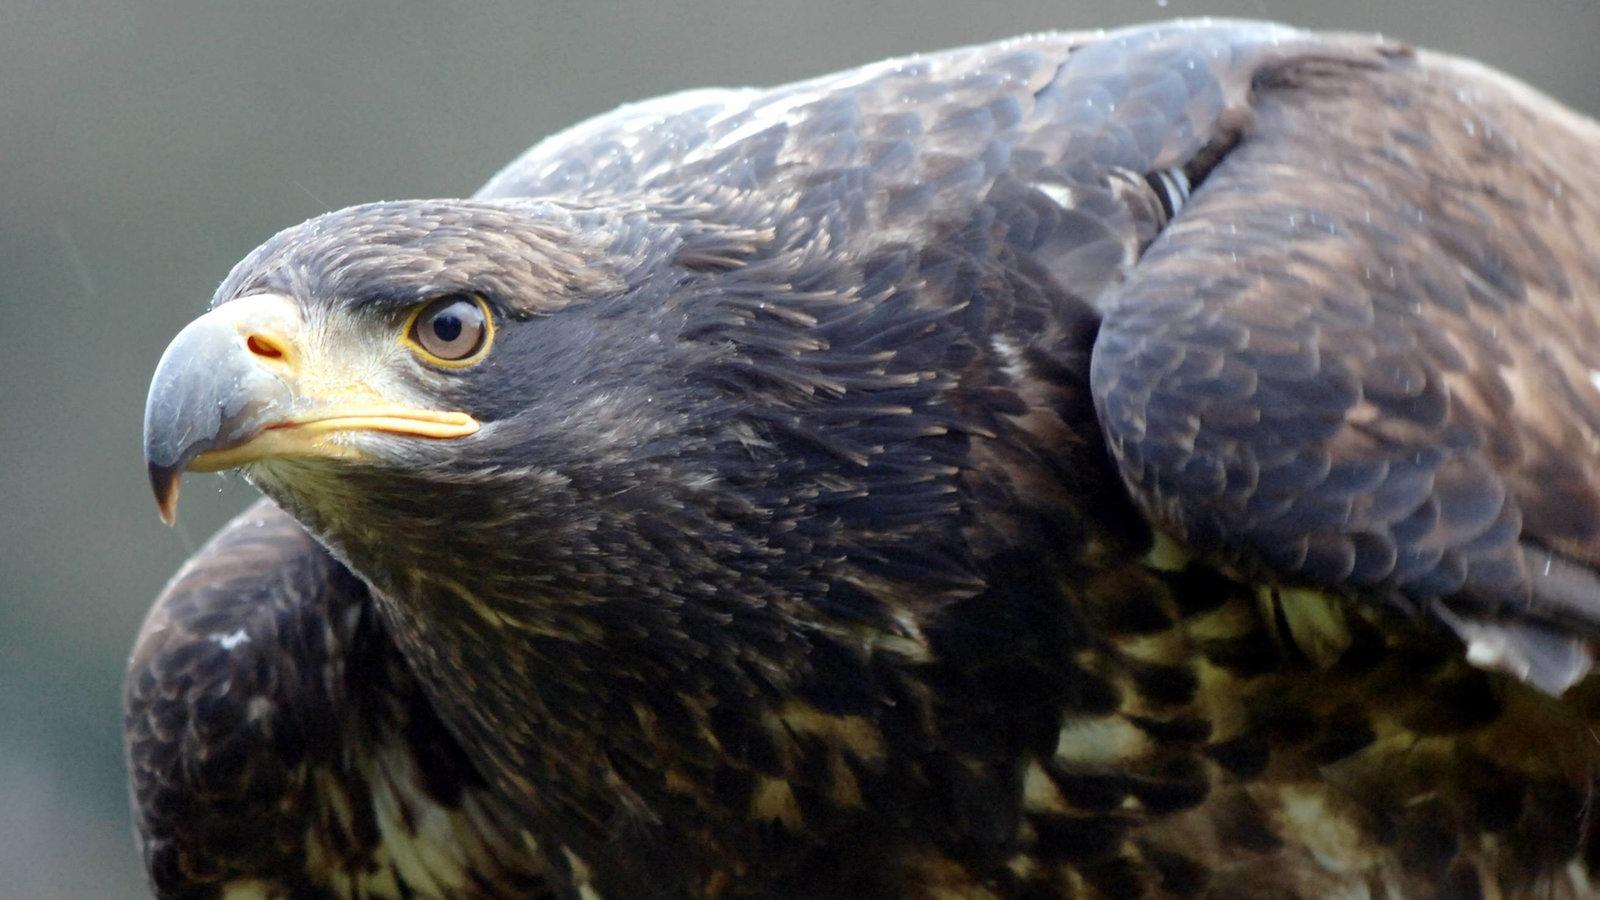 عقاب های دم سفید به انگلیس برمی گردند – کلیک – اخبار کودکان – اخبار